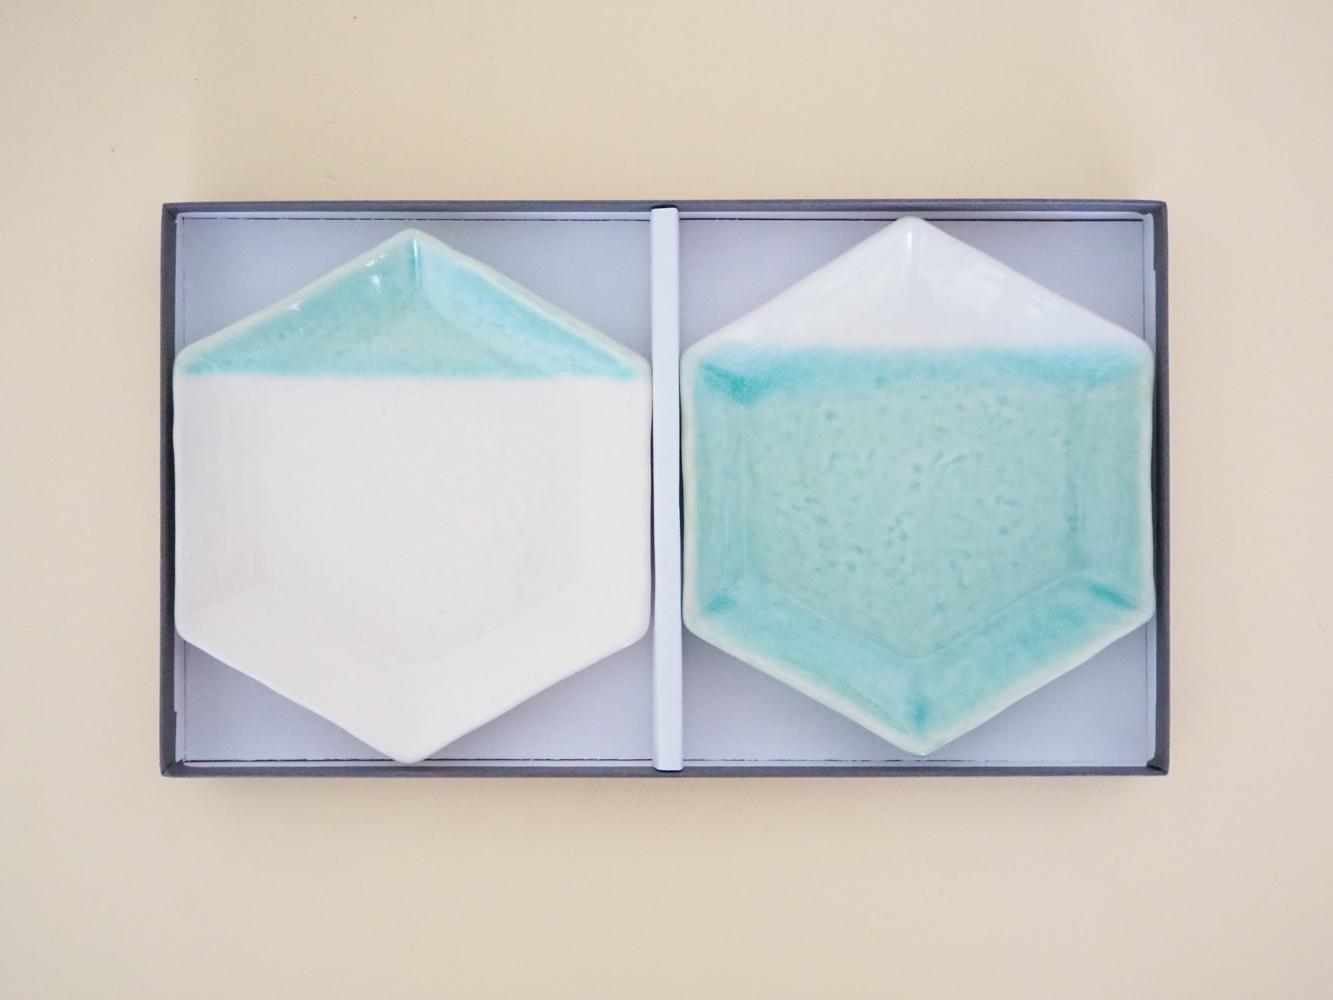 m.m.d. / 取皿2枚セット ギフトボックス&熨斗付き / 2分掛け青磁 + 8分掛け青磁 / 青磁と夏の贈り物 / 瀬戸焼